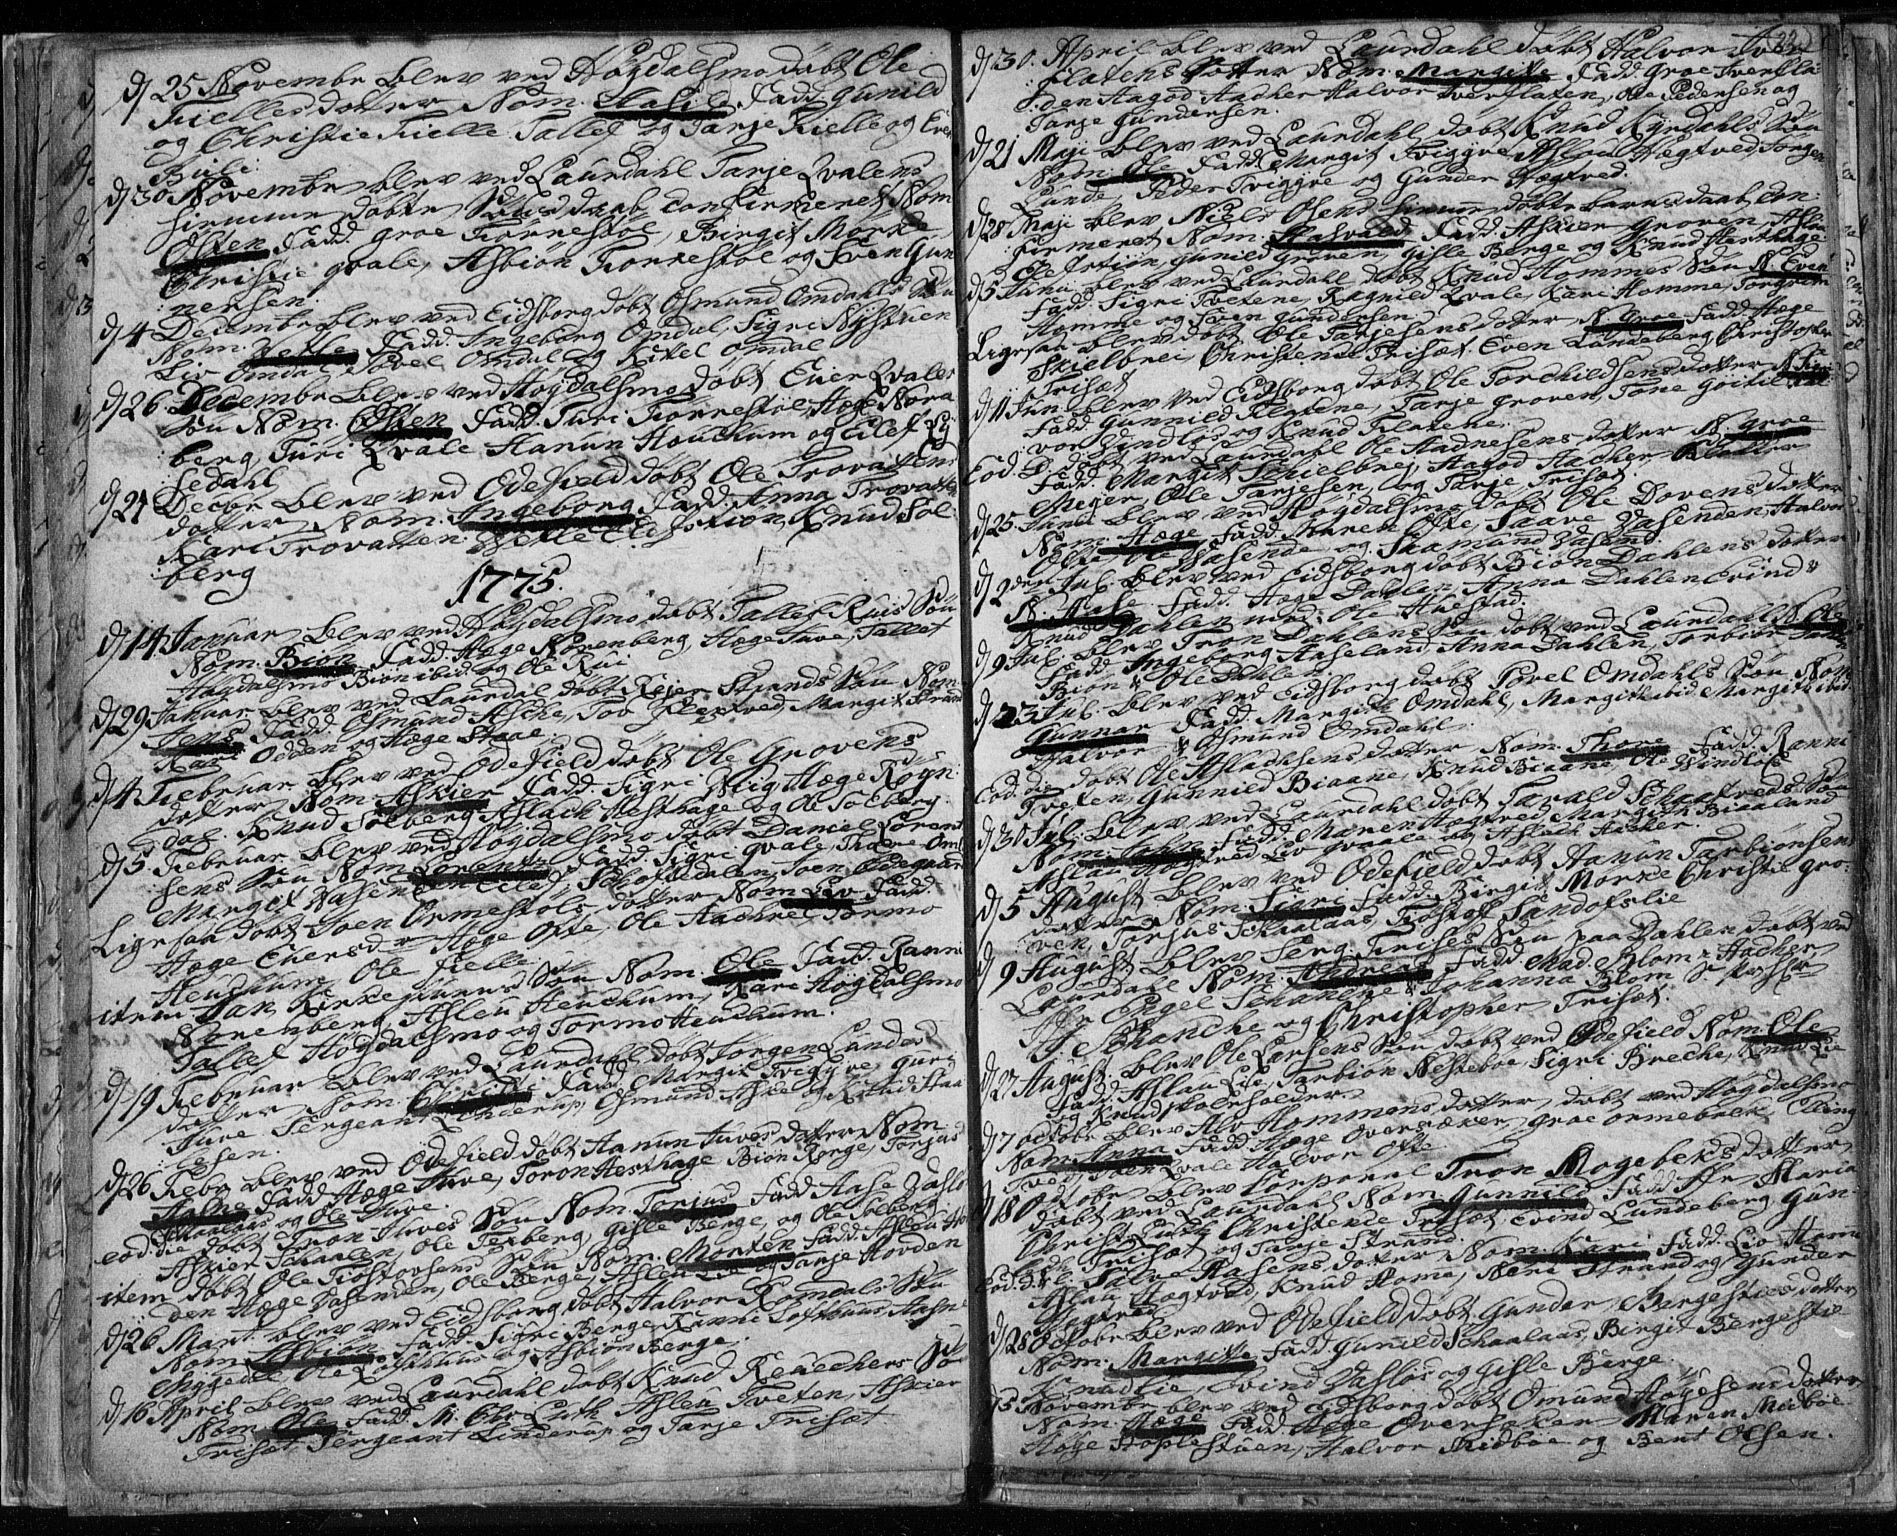 SAKO, Lårdal kirkebøker, F/Fa/L0003: Ministerialbok nr. I 3, 1754-1790, s. 22